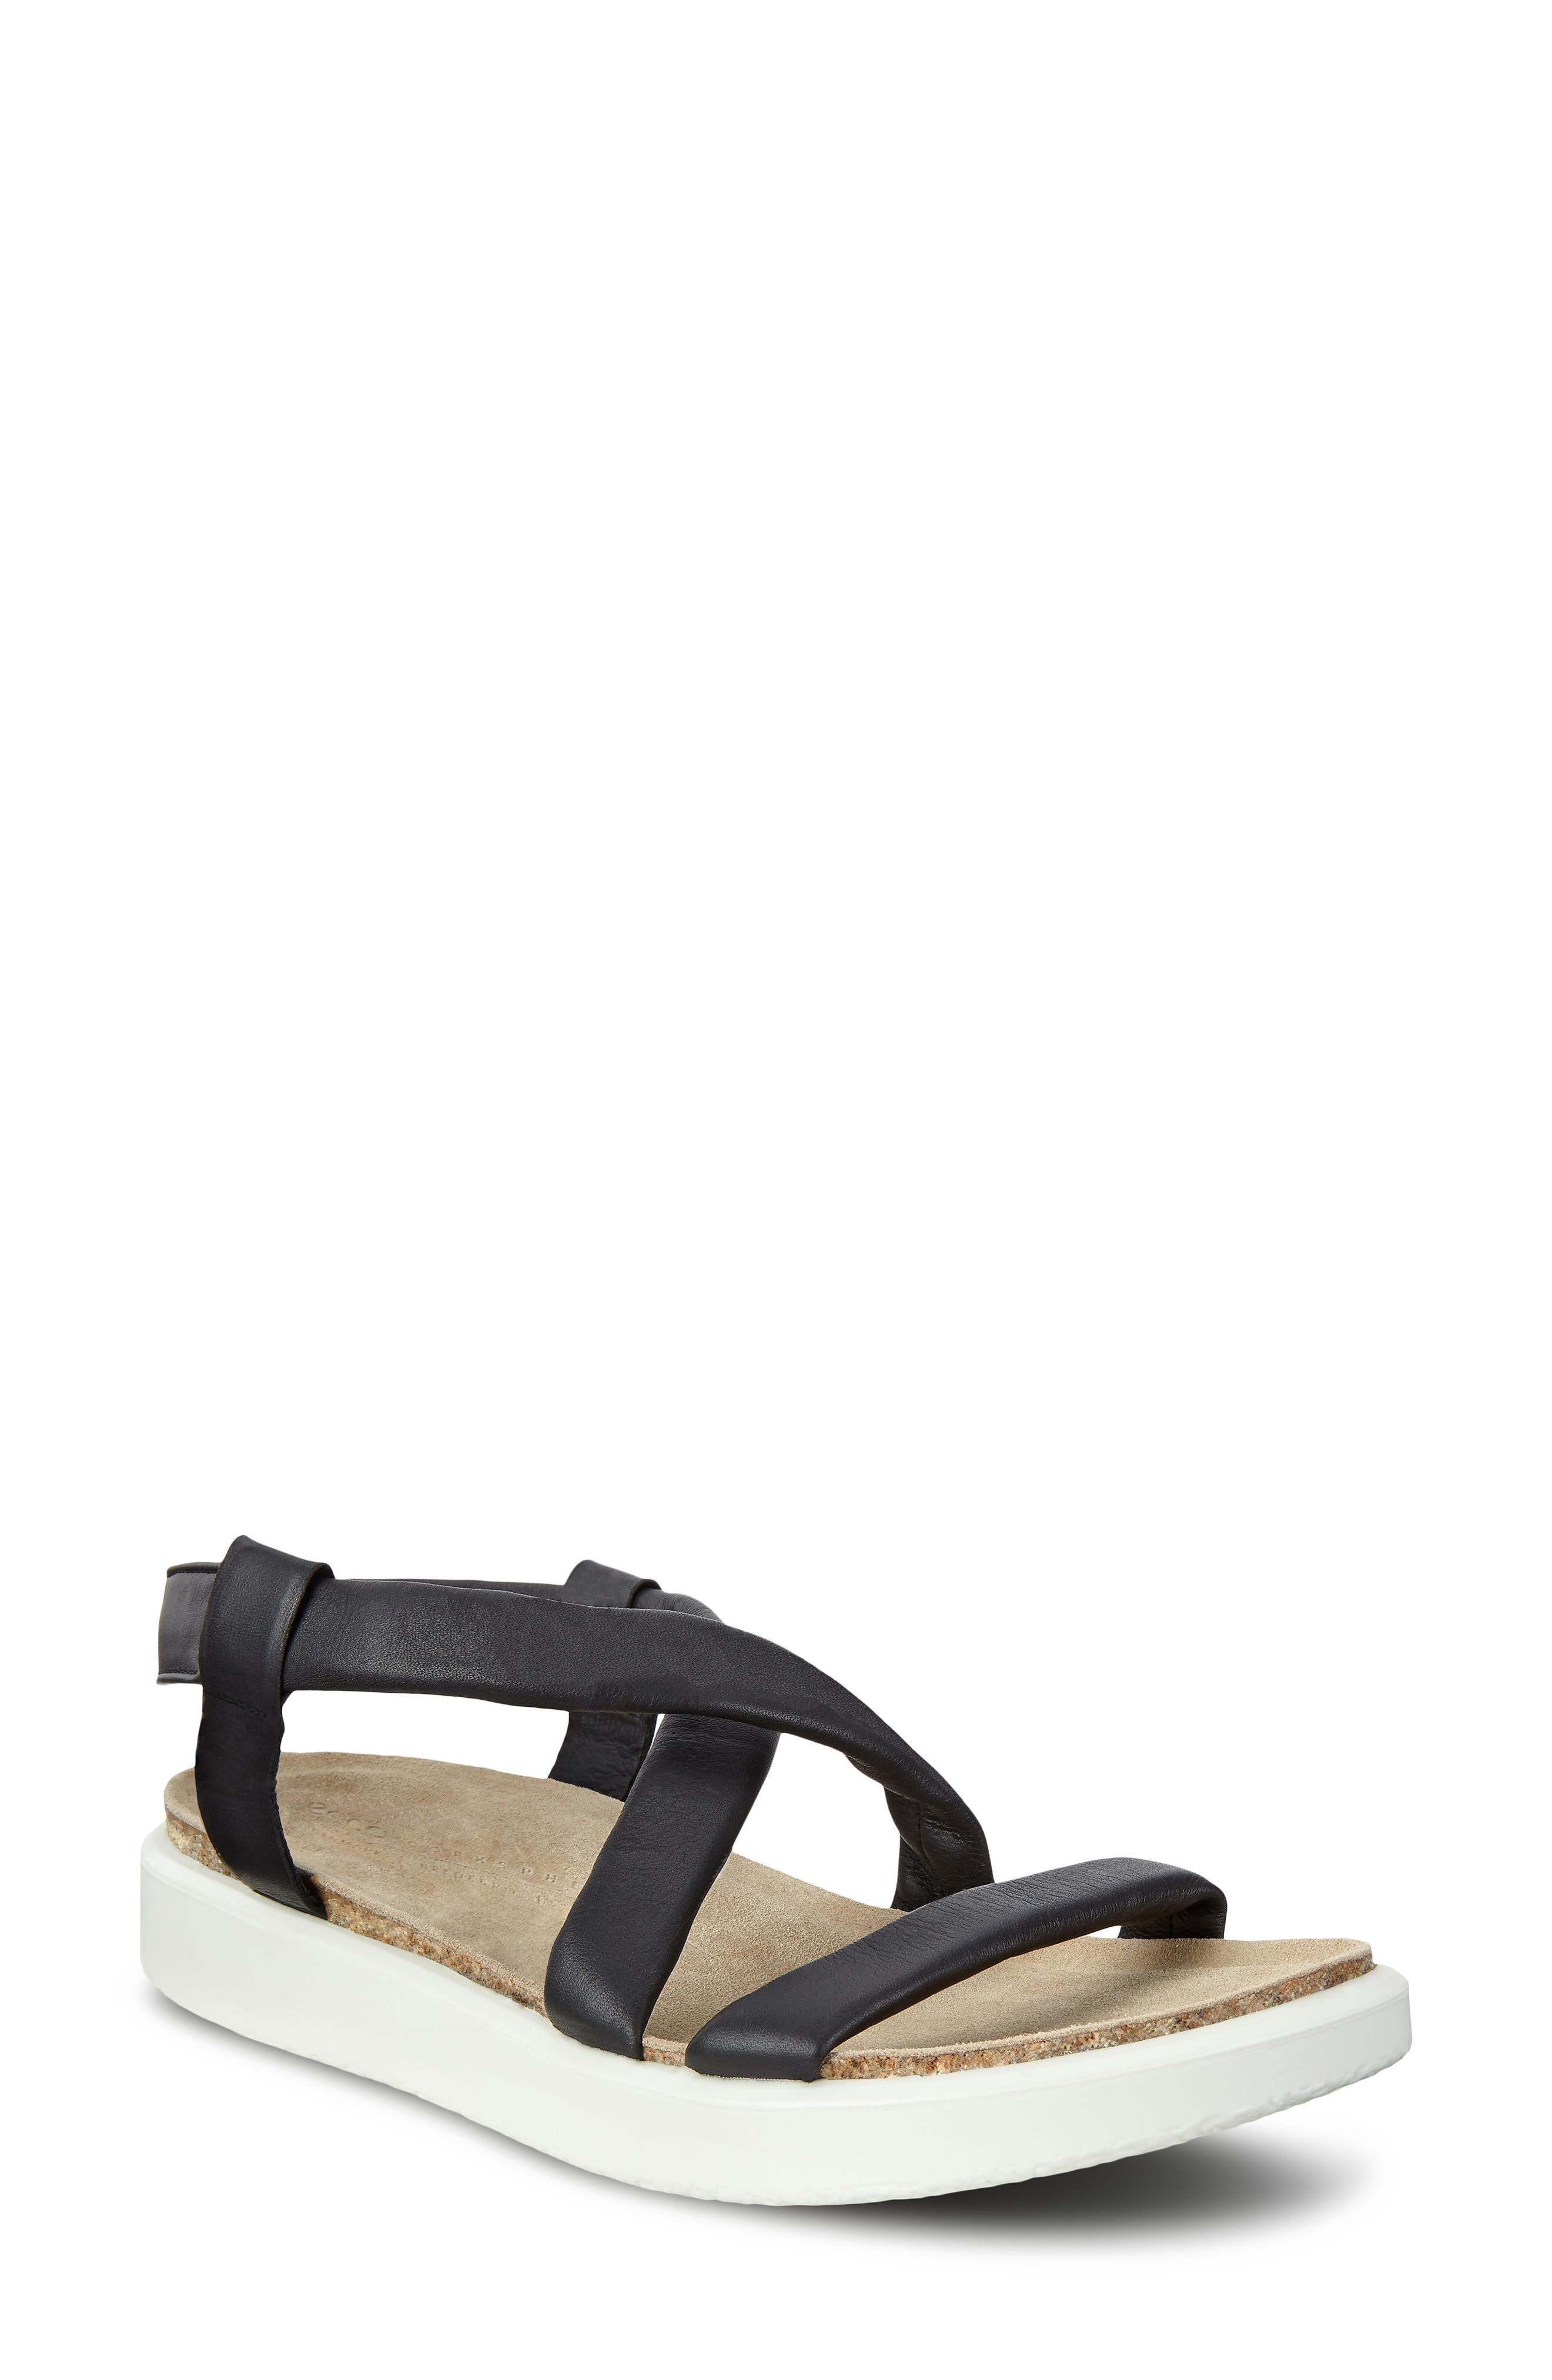 Women's Ecco Corkshpere(TM) Sandal